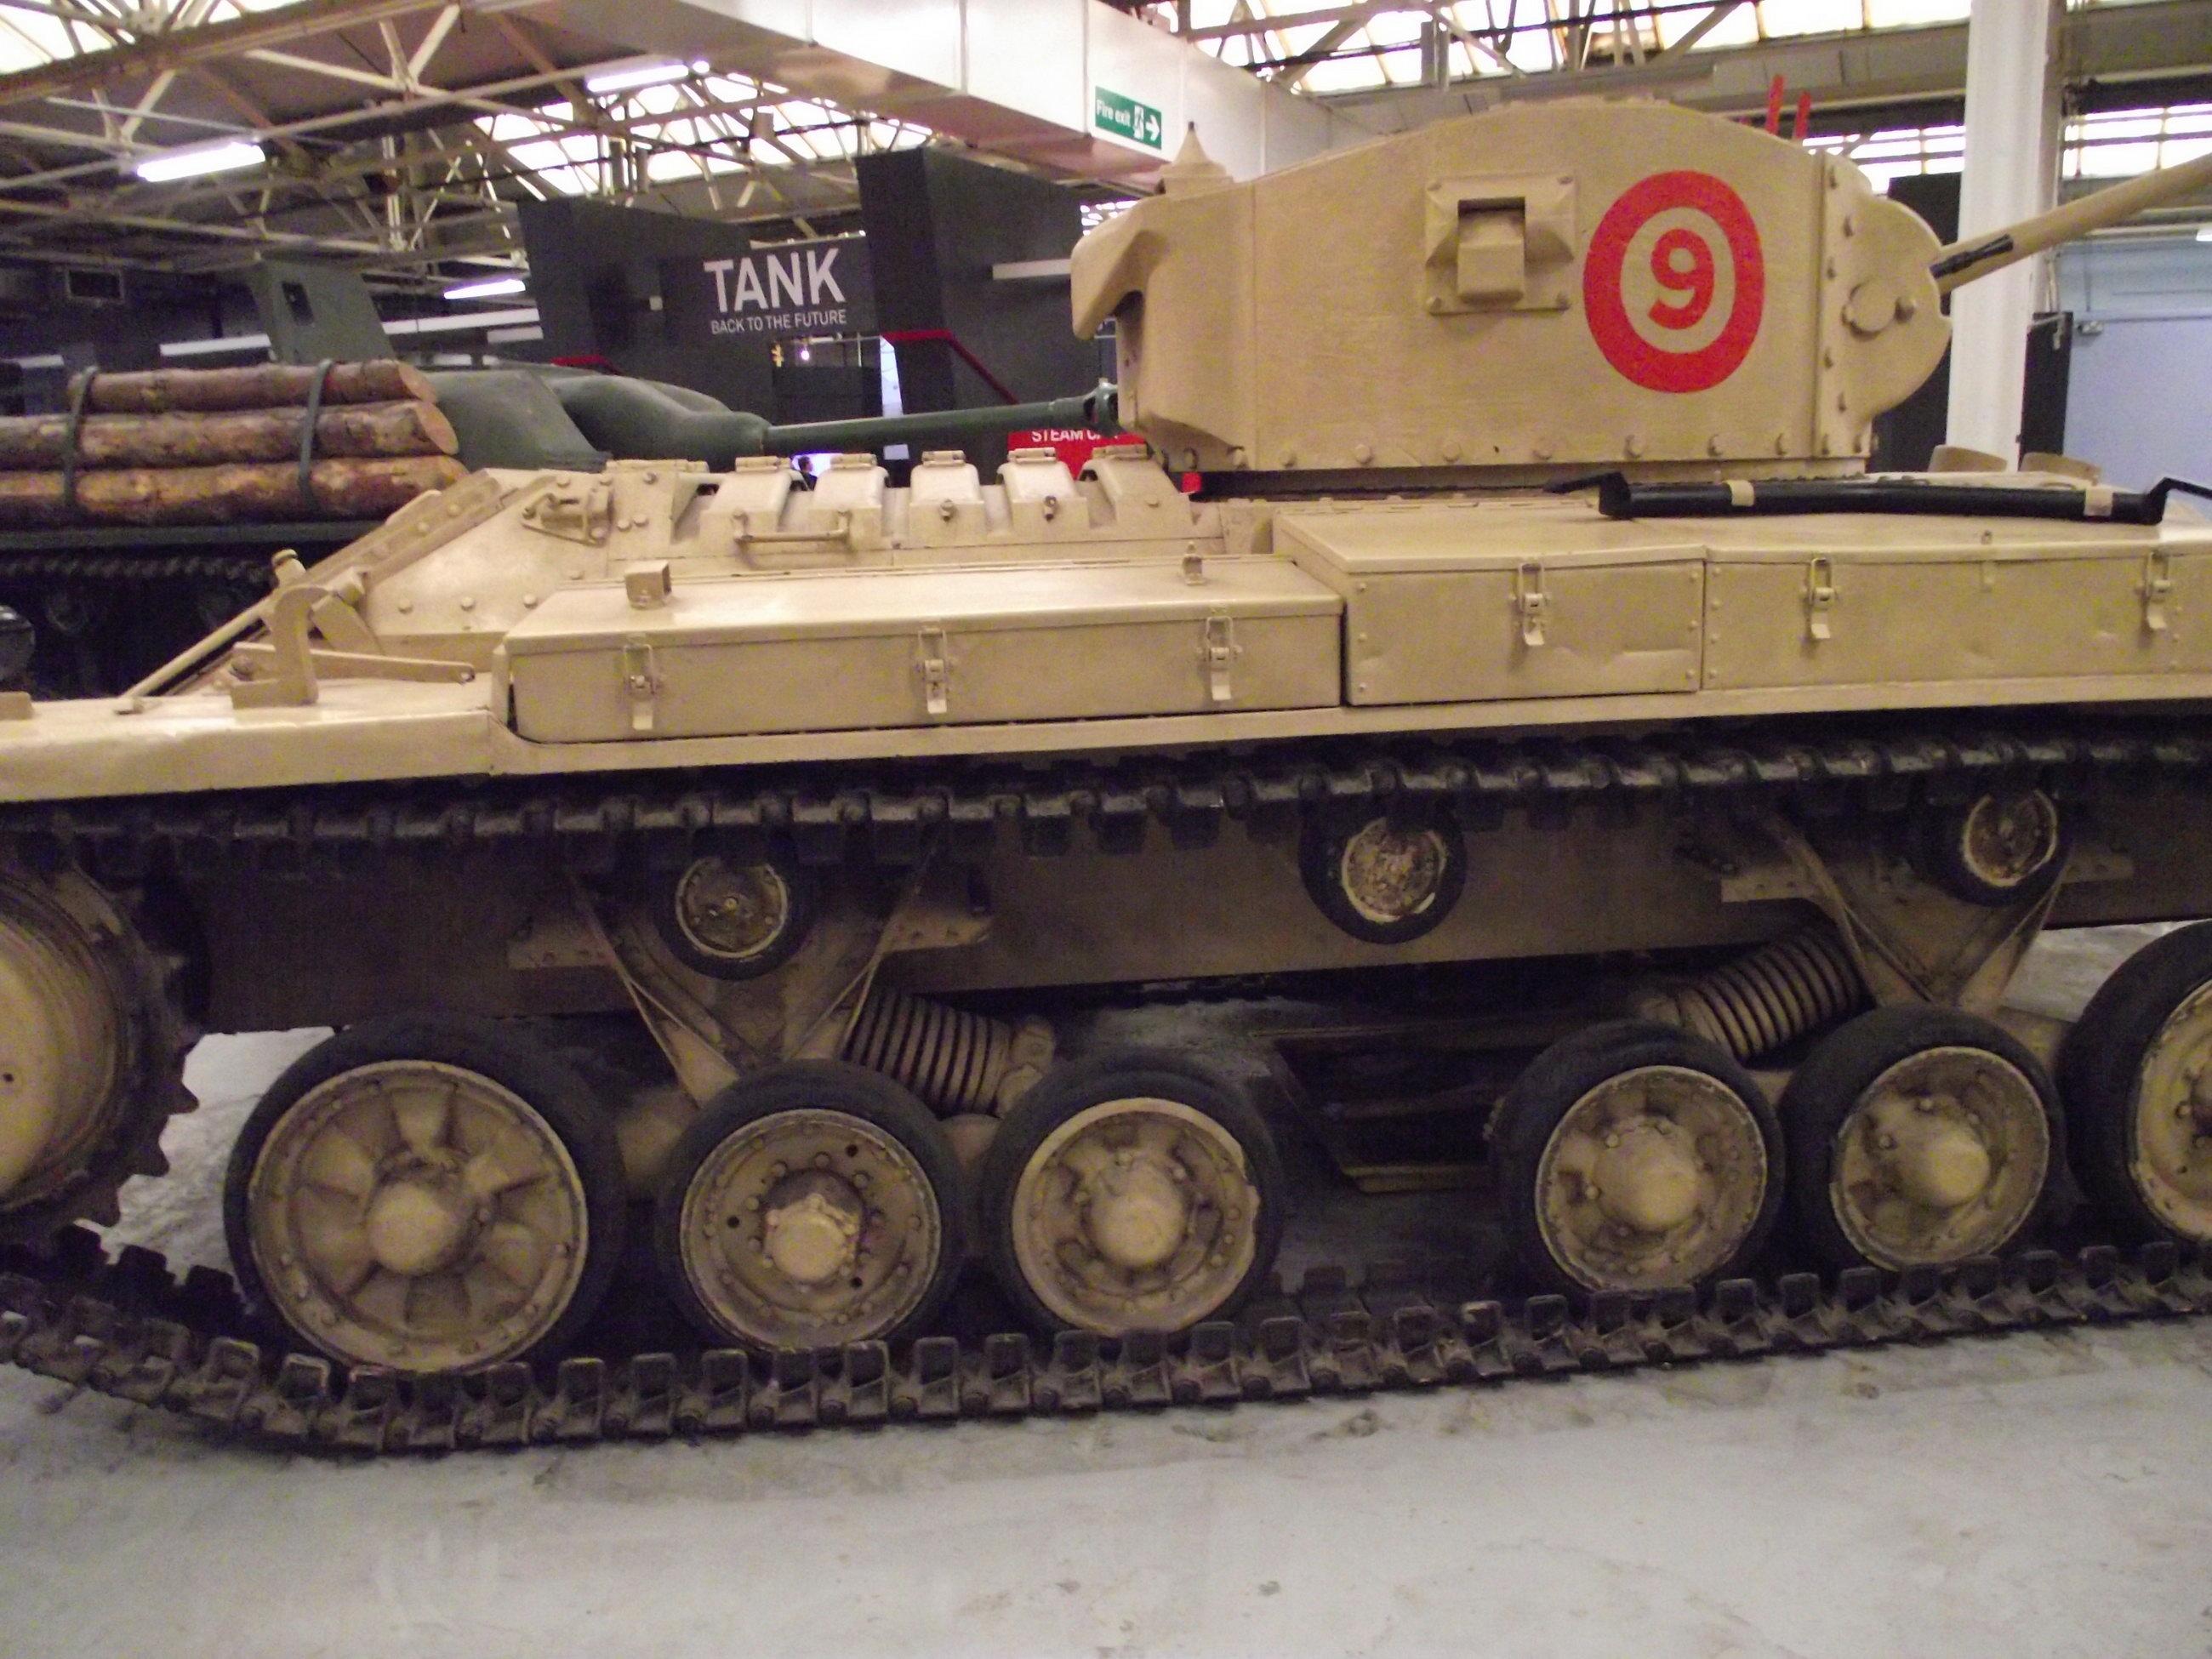 Tank_Museum_20180919_354.jpg